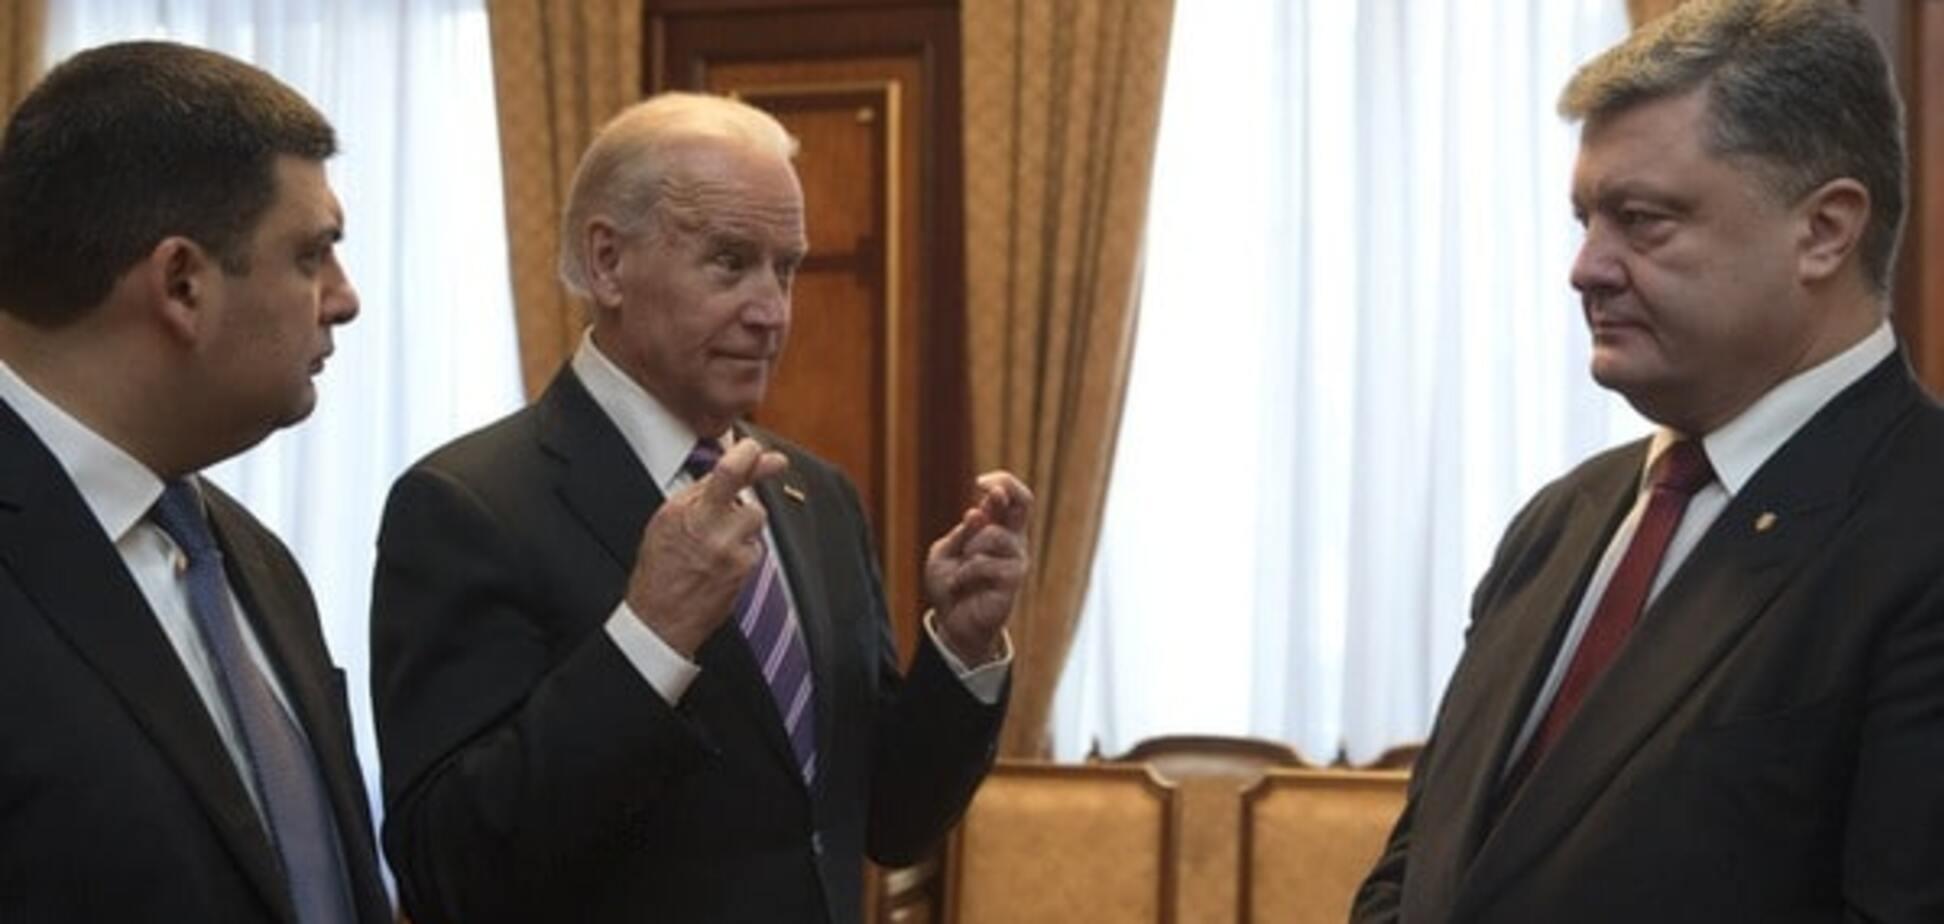 Фото дня: Байден показав Порошенку і Гройсману дивну фігуру з трьох пальців